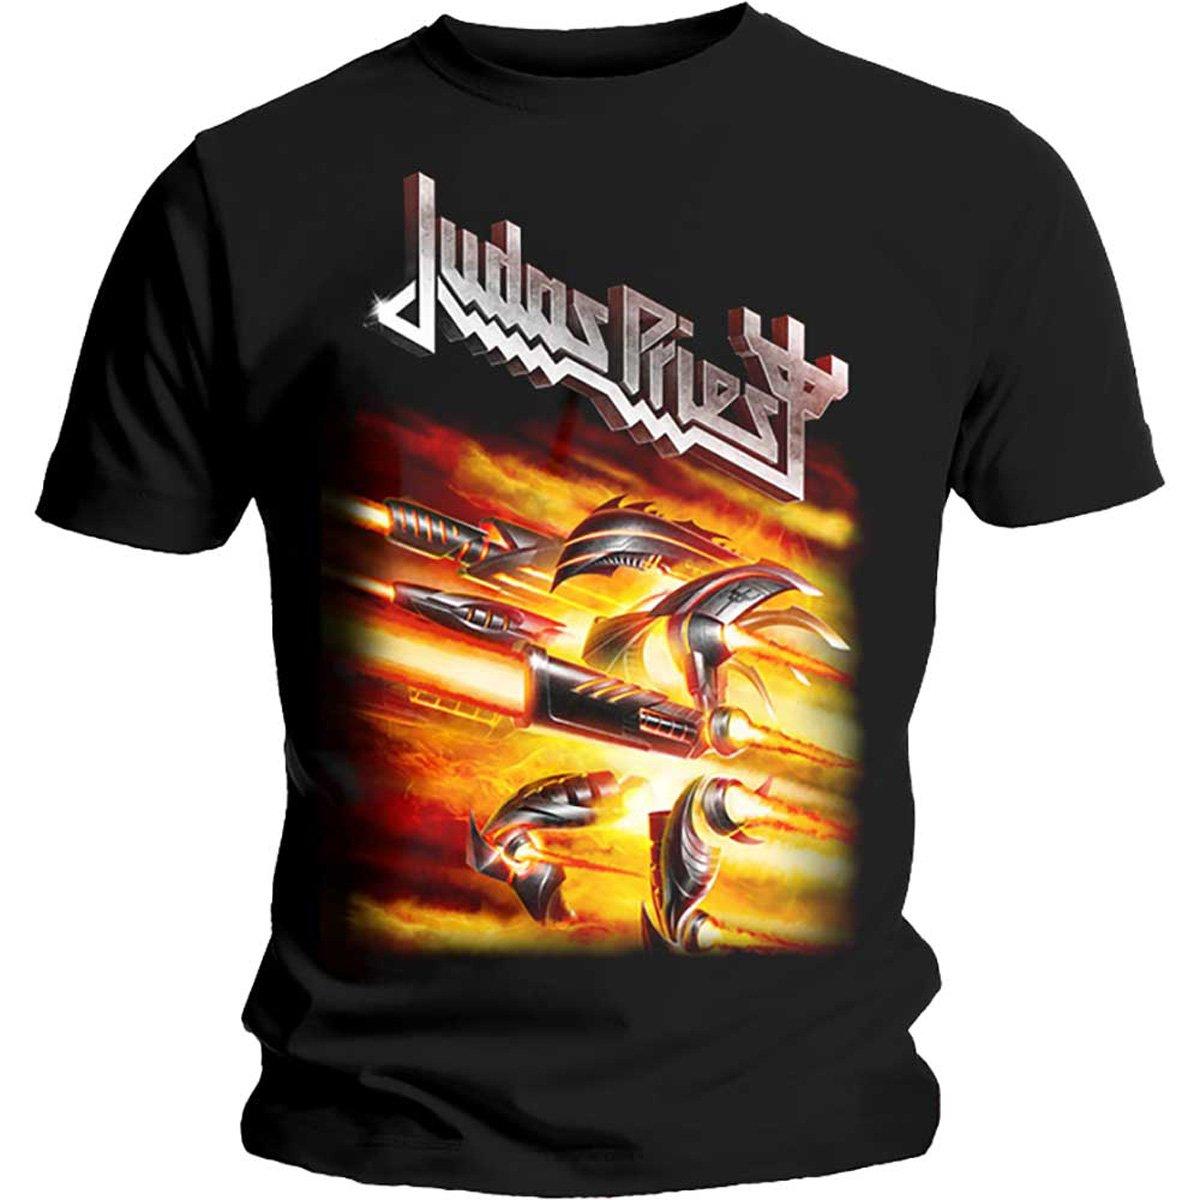 Tee Shack Judas Priest Firepower Rob Halford Heavy Metal Oficial Camiseta para Hombre: Amazon.es: Ropa y accesorios